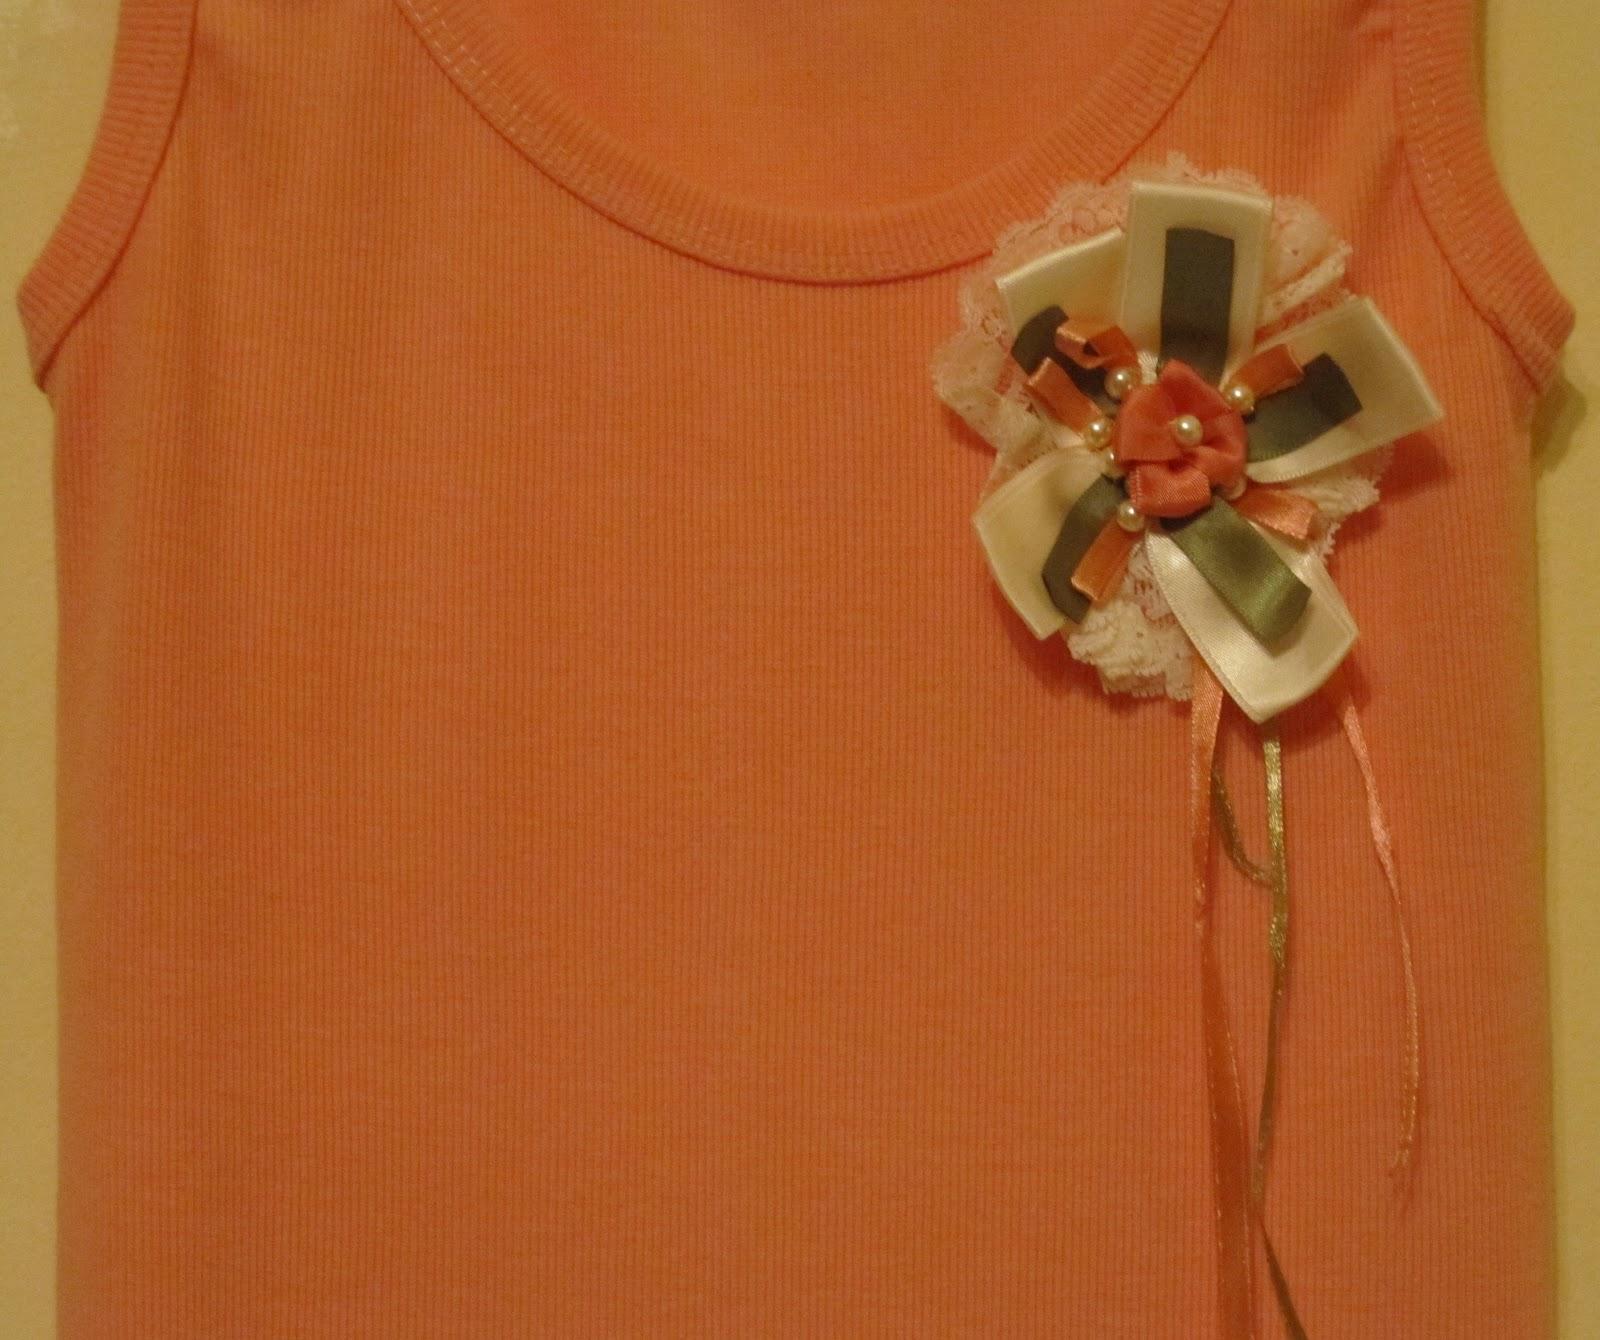 c852c0909f9a Μια από τις αγαπημένες μου ασχολίες. Να μετατρέπω απλά μπλουζάκια σε χαριτωμένα  ρούχα.